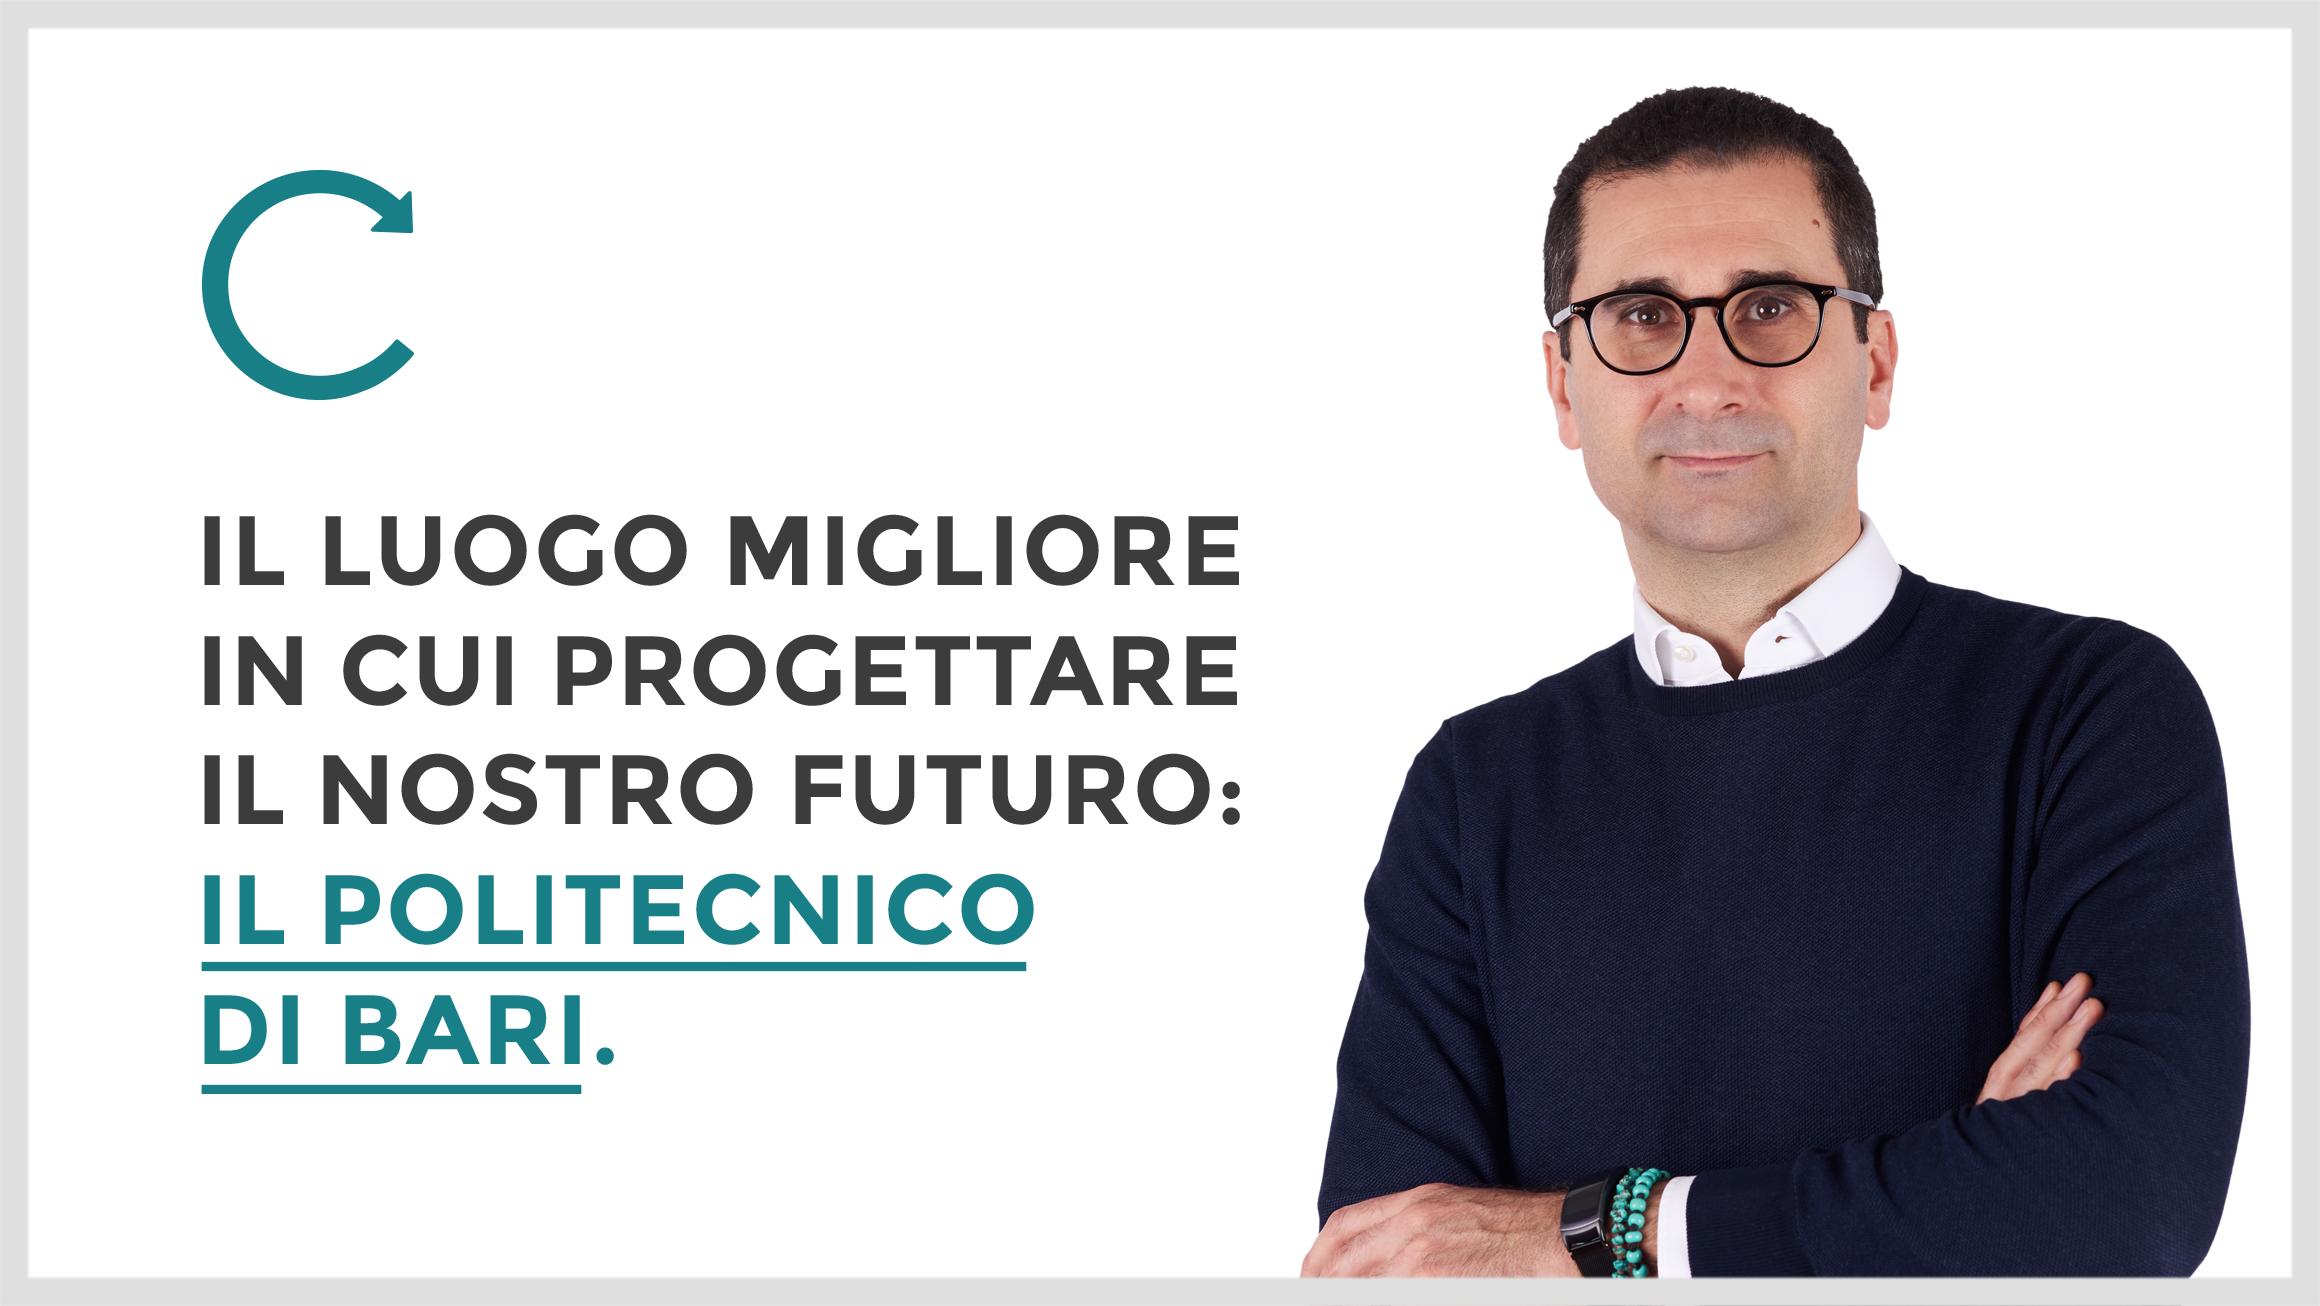 Il posto migliore dove progettare il nostro futuro: il Politecnico di Bari